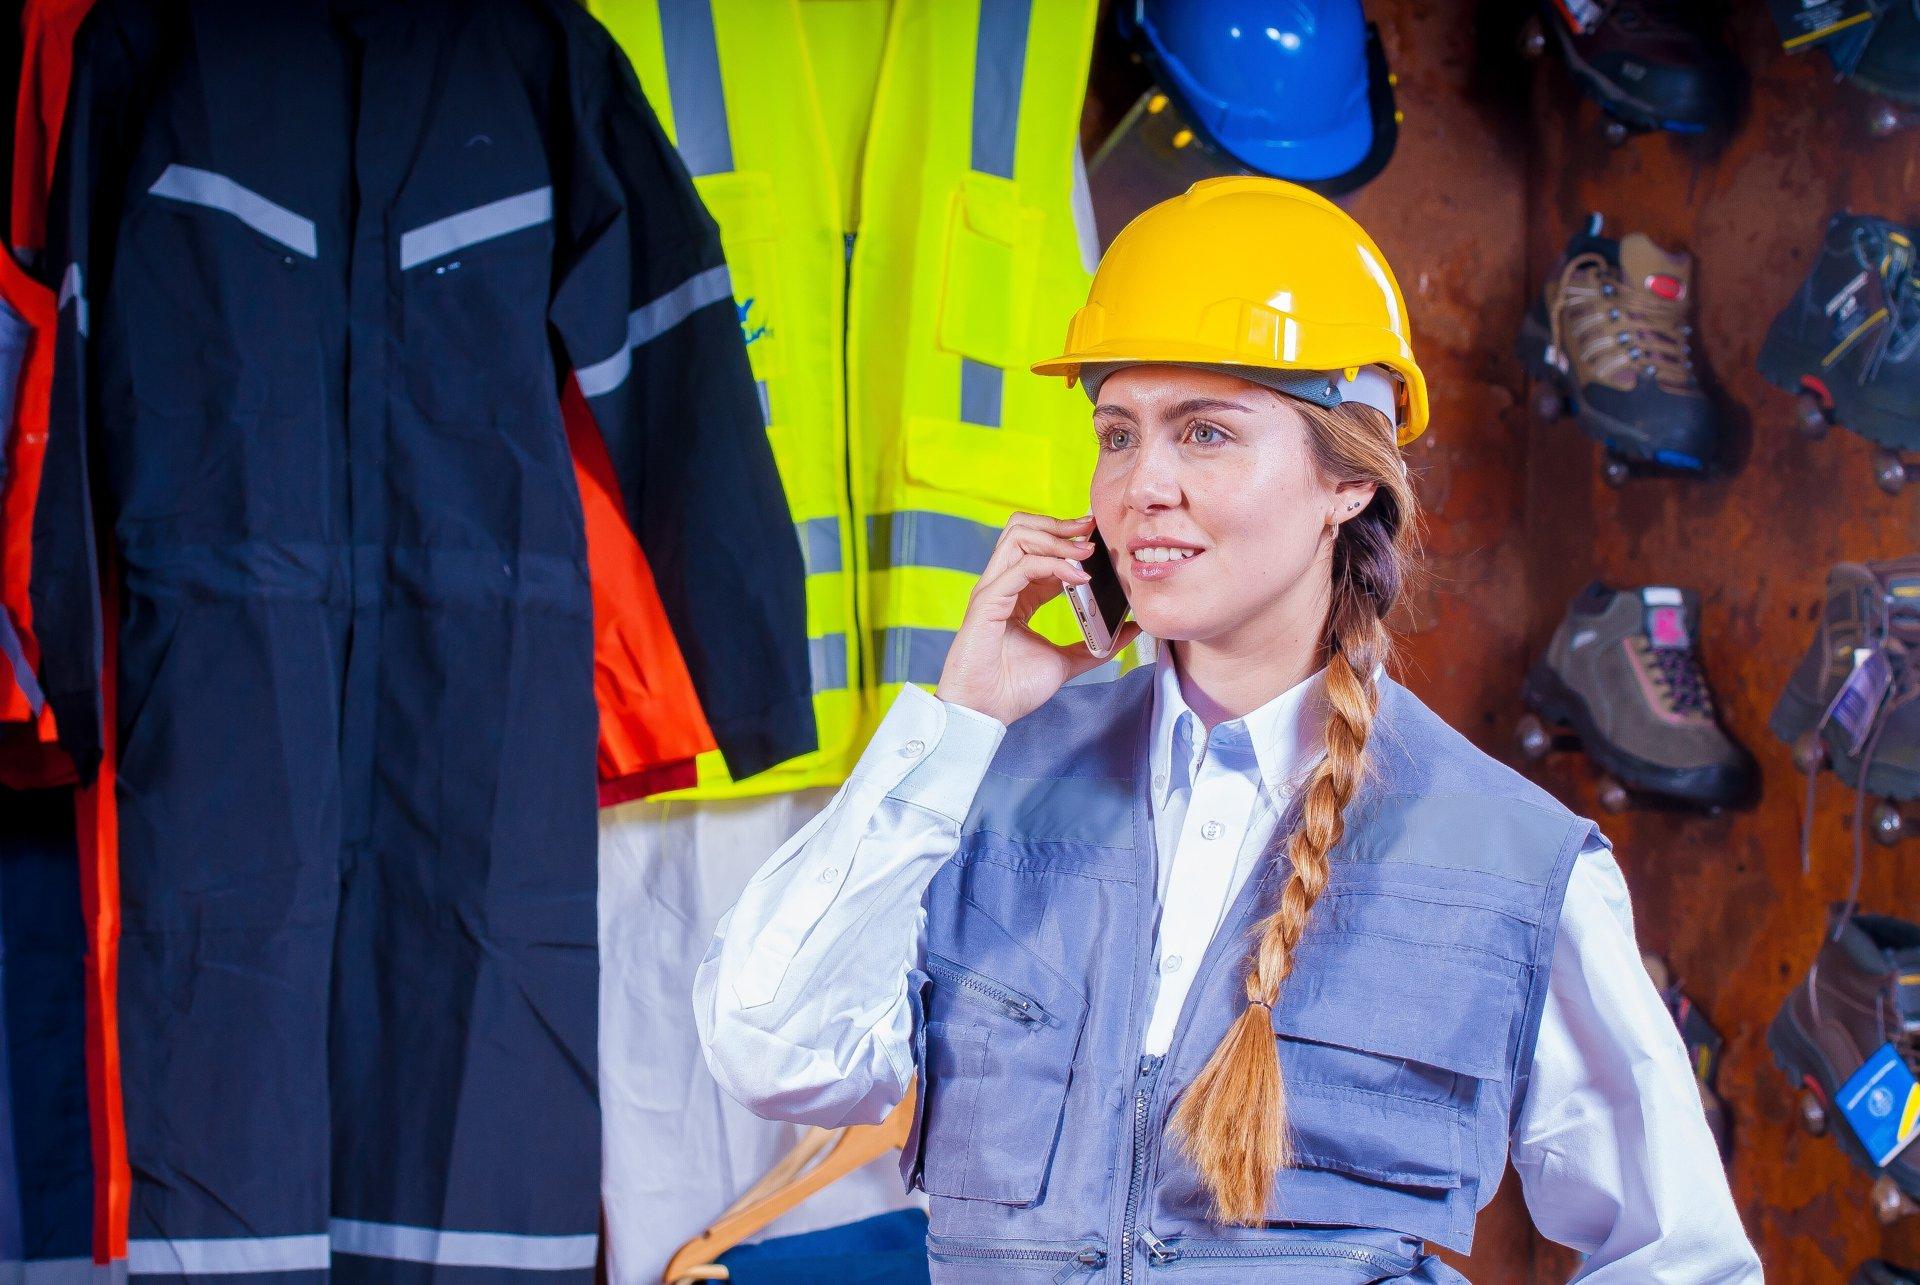 Sicurezza: formazione specifica lavoratori rischio alto - aggiornato COVID19